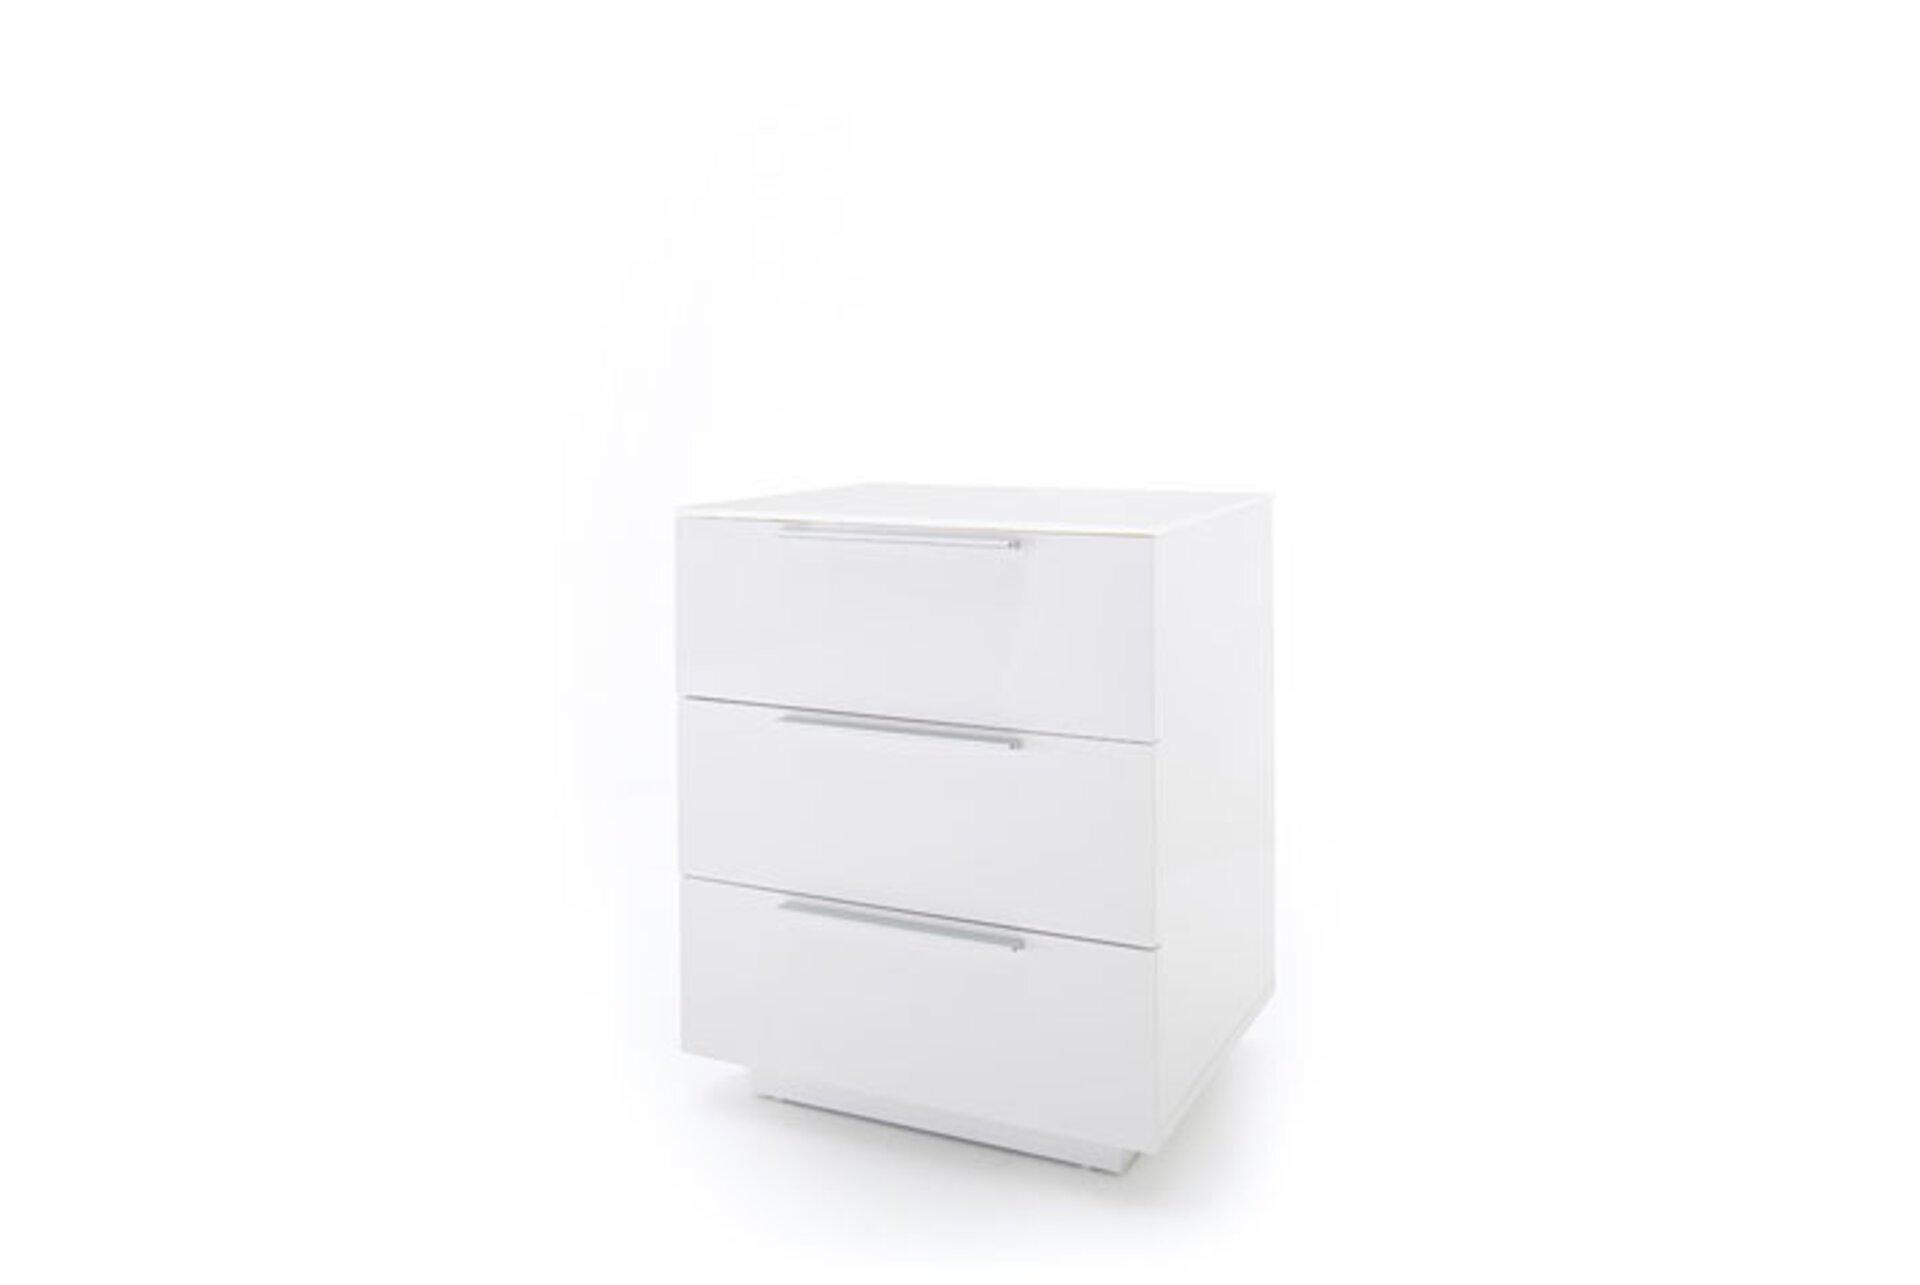 Nachttisch NOLA MCA furniture Holzwerkstoff weiß 40 x 60 x 50 cm